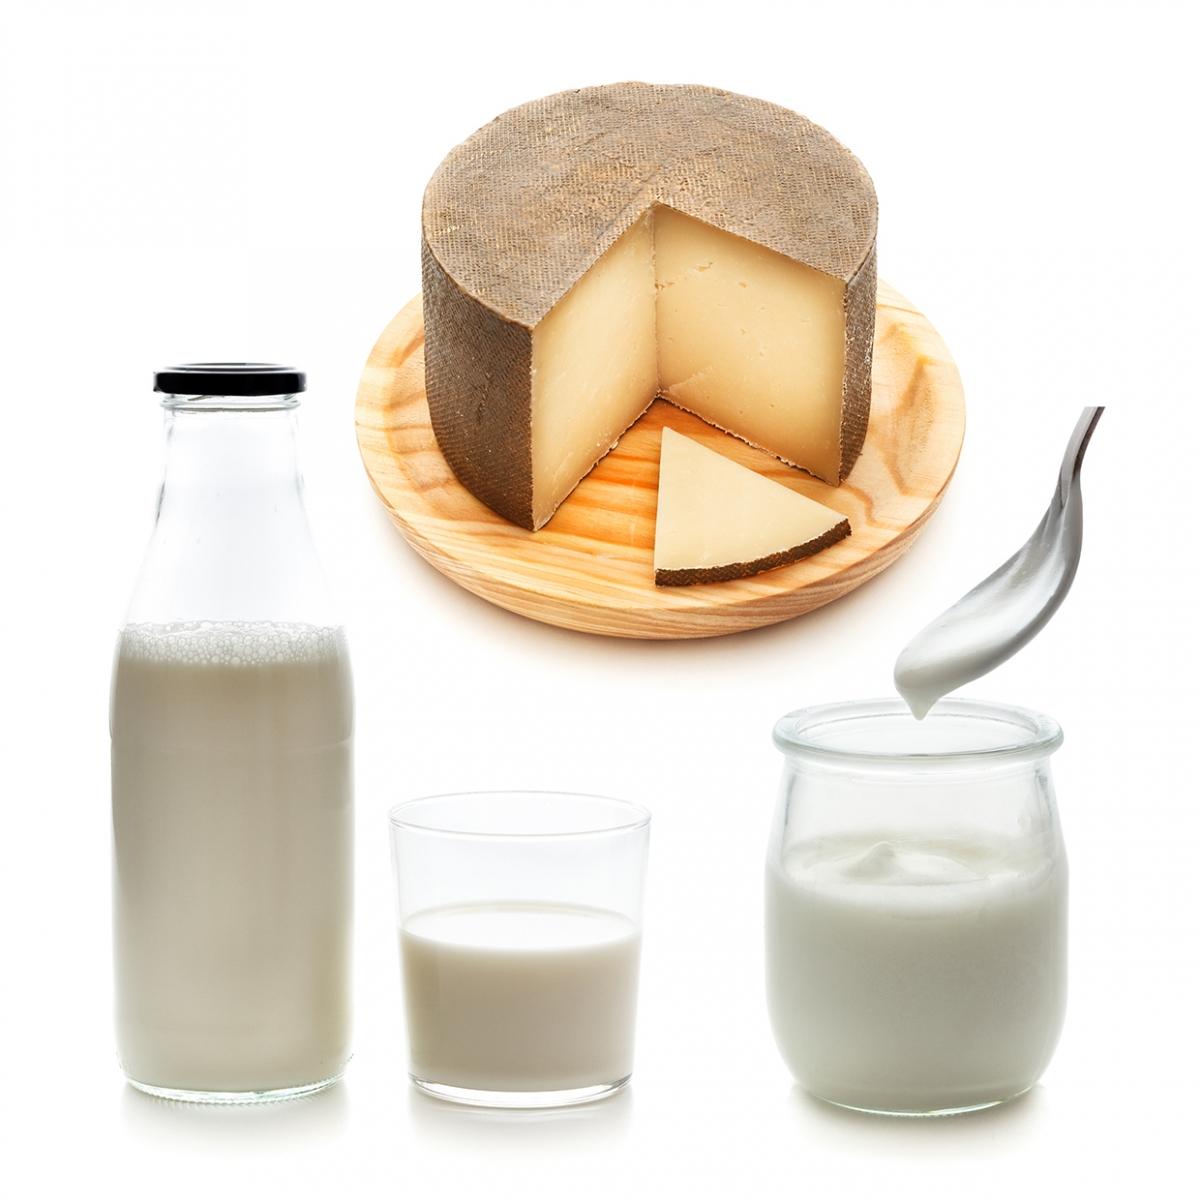 Imagen en la que se ven tres productos lácteos: leche, yogur y queso